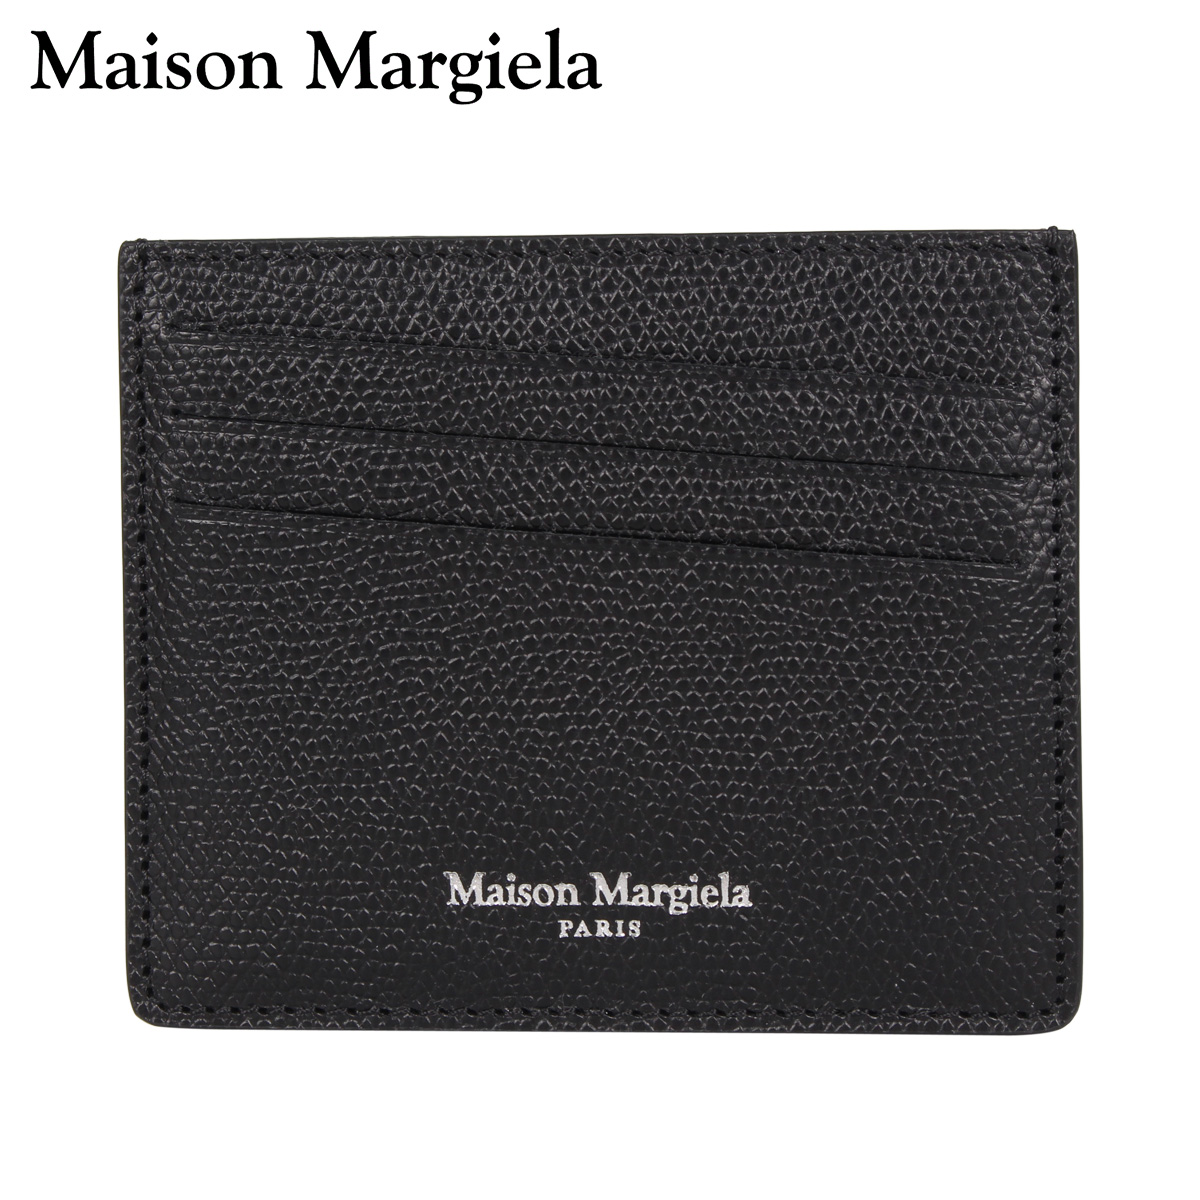 MAISON MARGIELA メゾンマルジェラ カードケース 名刺入れ 定期入れ メンズ レディース CARD CASE ブラック 黒 S35UI0432-T8013 [3/4 新入荷]